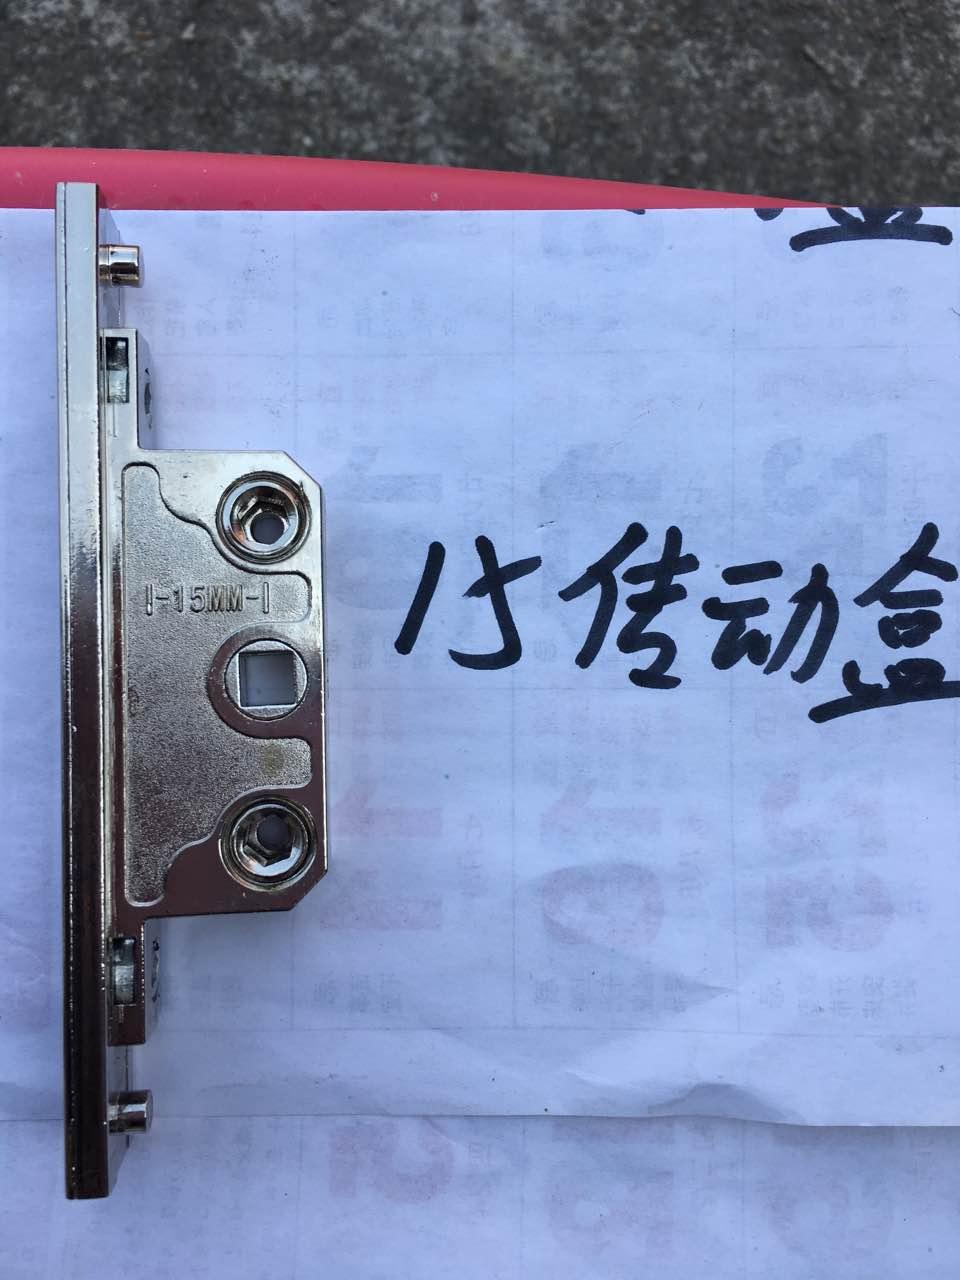 15传动锁盒 15传动锁盒批发 15传动锁盒厂商 高要15传动锁盒